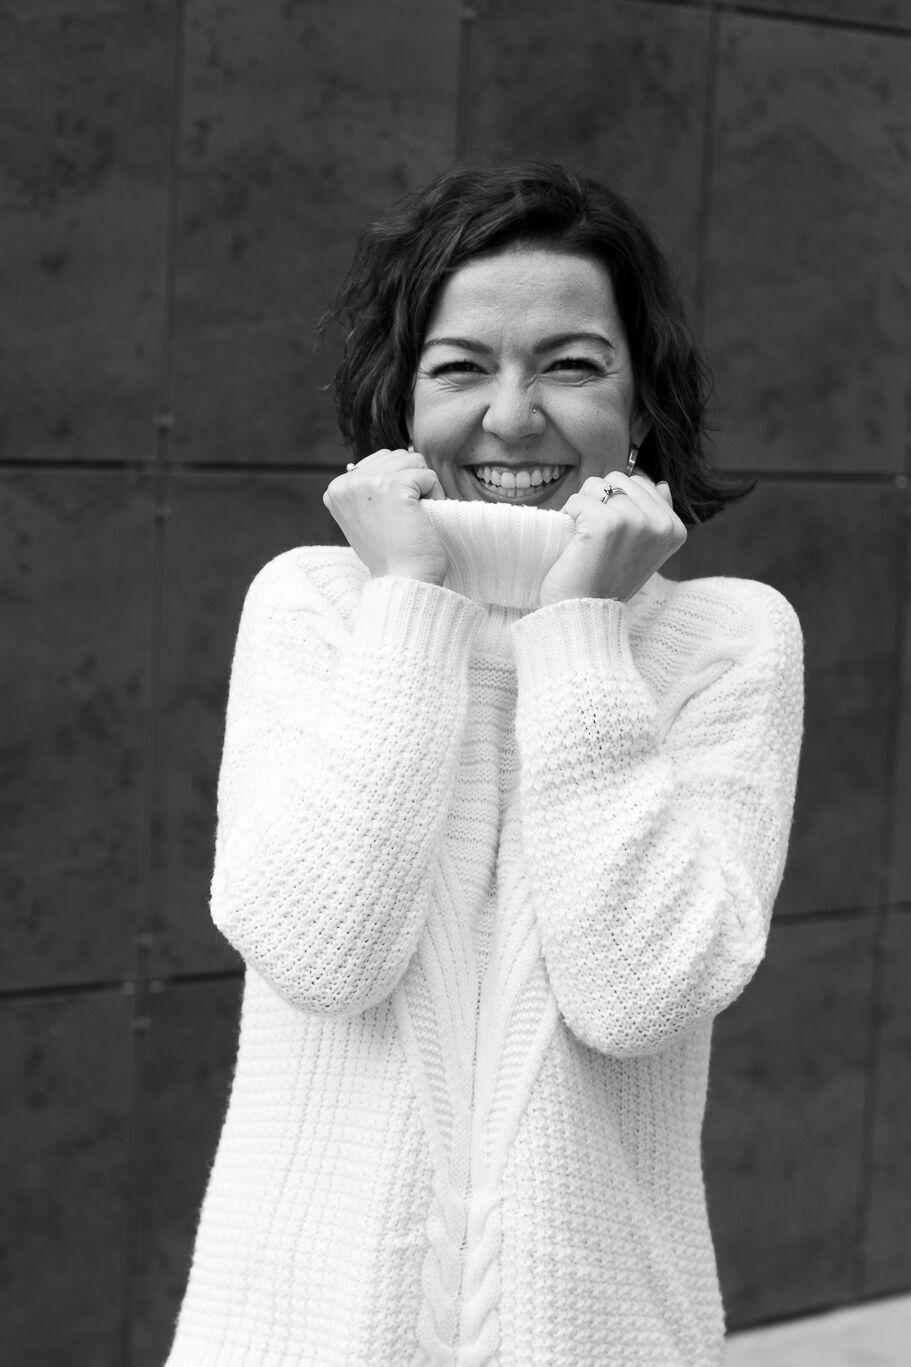 sonrisa bonita influencer